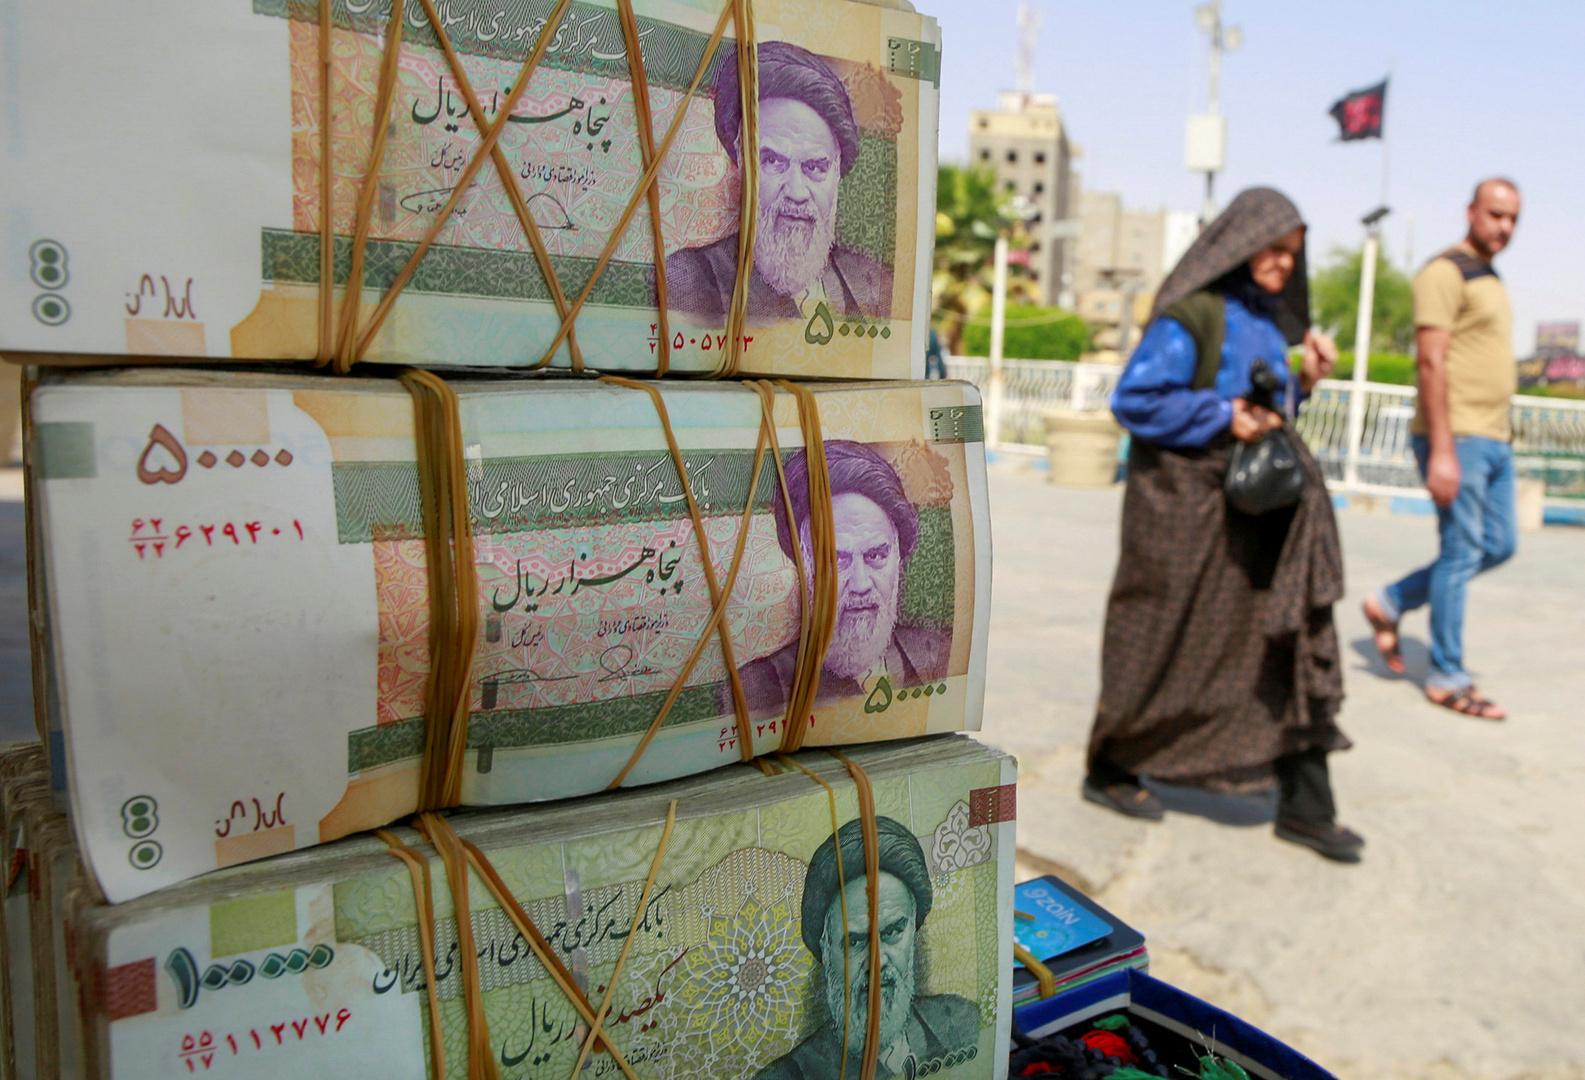 إيران ترفع دعوى قضائية ضد مملكة البحرين